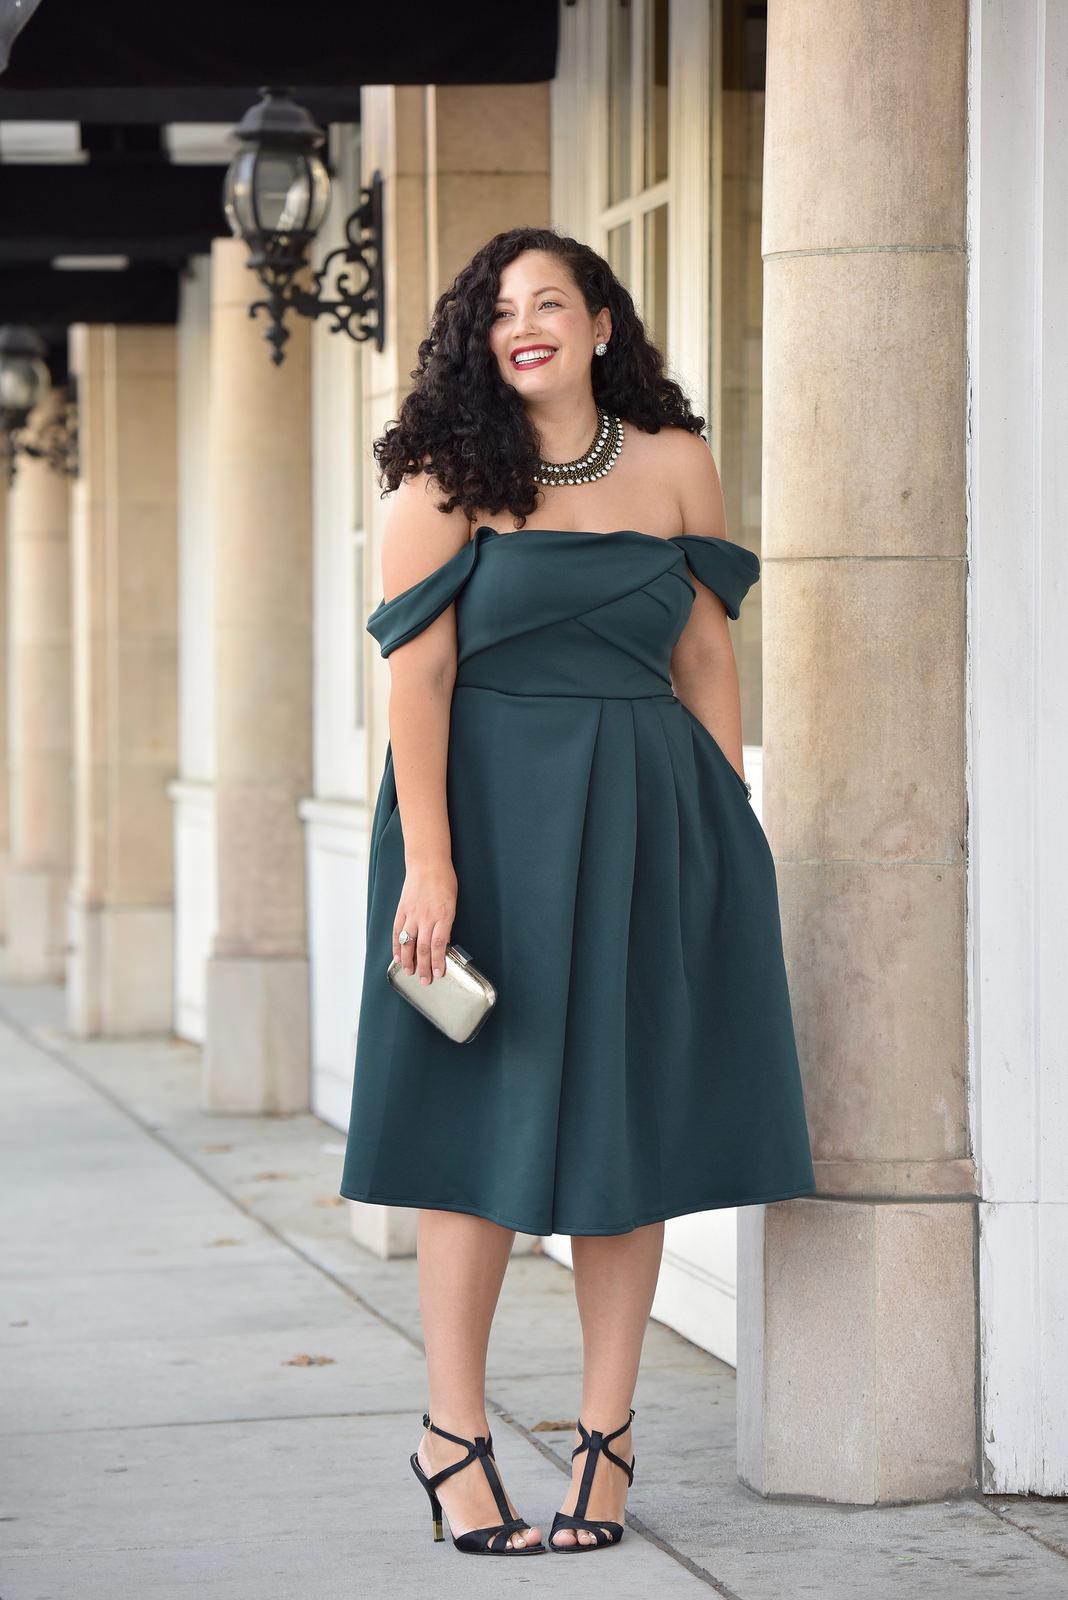 Модні сукні розміру plus-size весни-літа 2017 (фото) - Жіночий ... a2cb655f39067